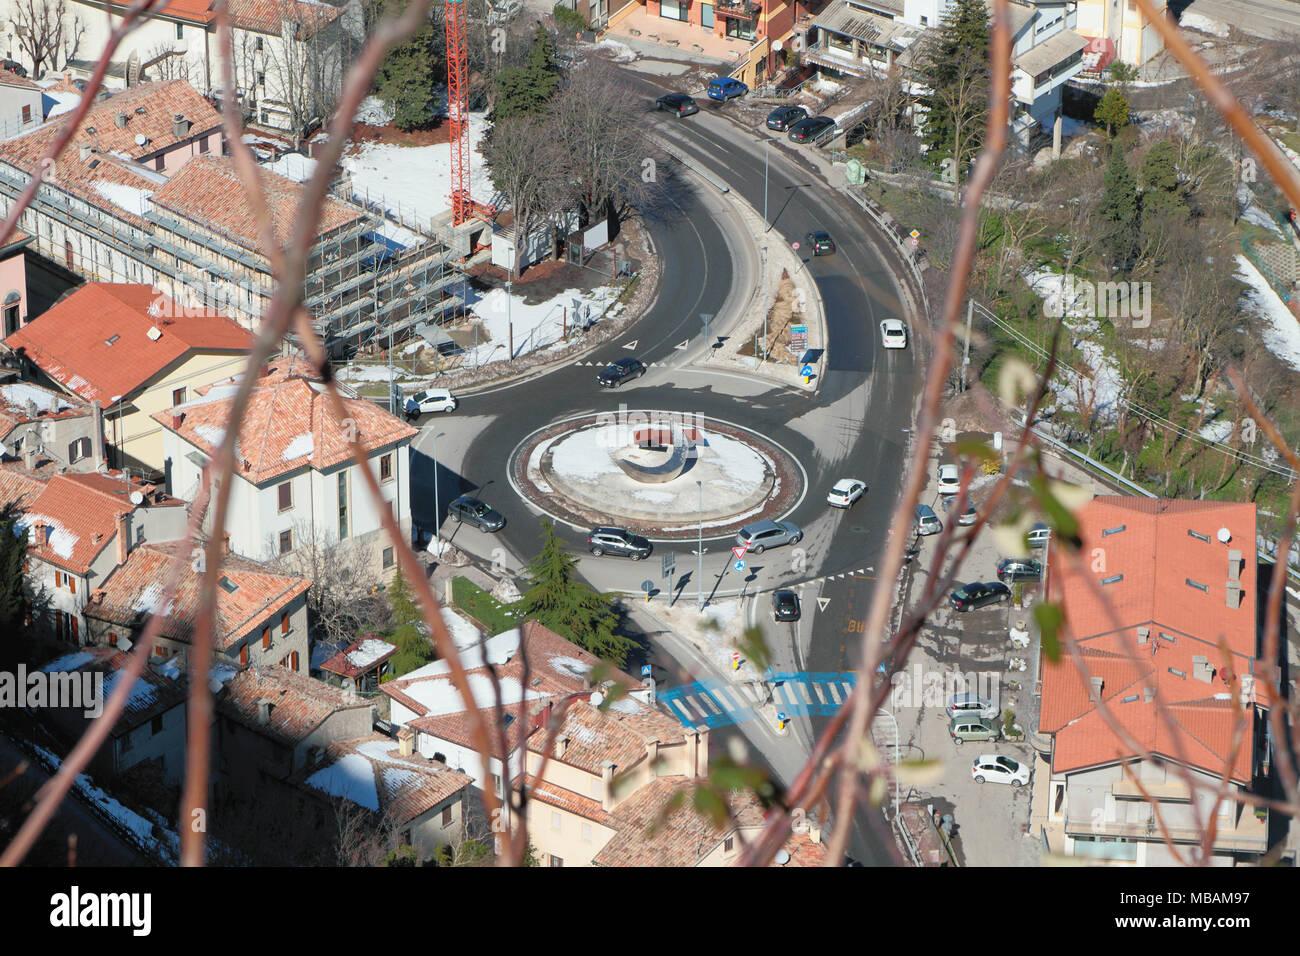 Round Intersection Stockfotos & Round Intersection Bilder - Alamy